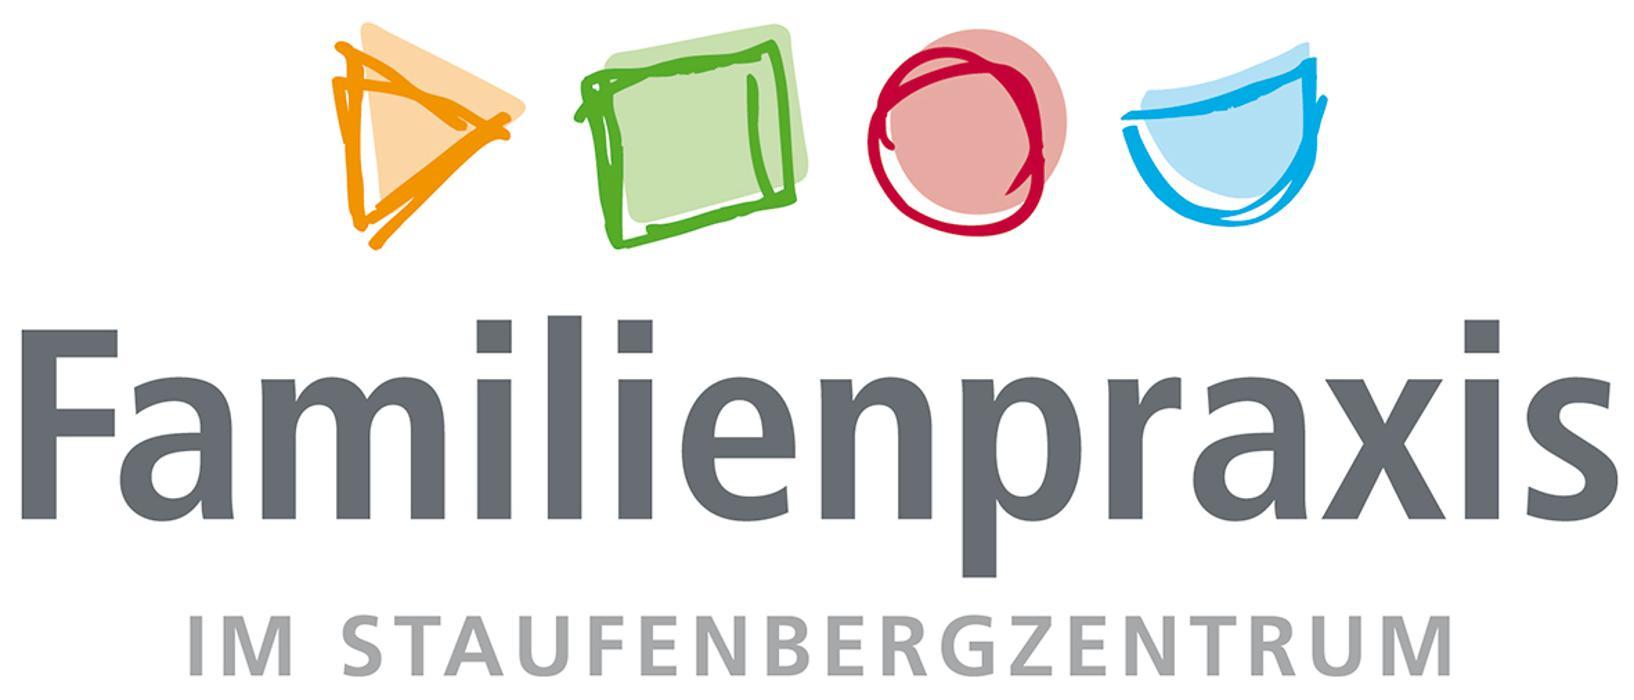 Bild zu Familienpraxis im Staufenbergzentrum - Fachpraxis für Logopädie in Heilbronn am Neckar